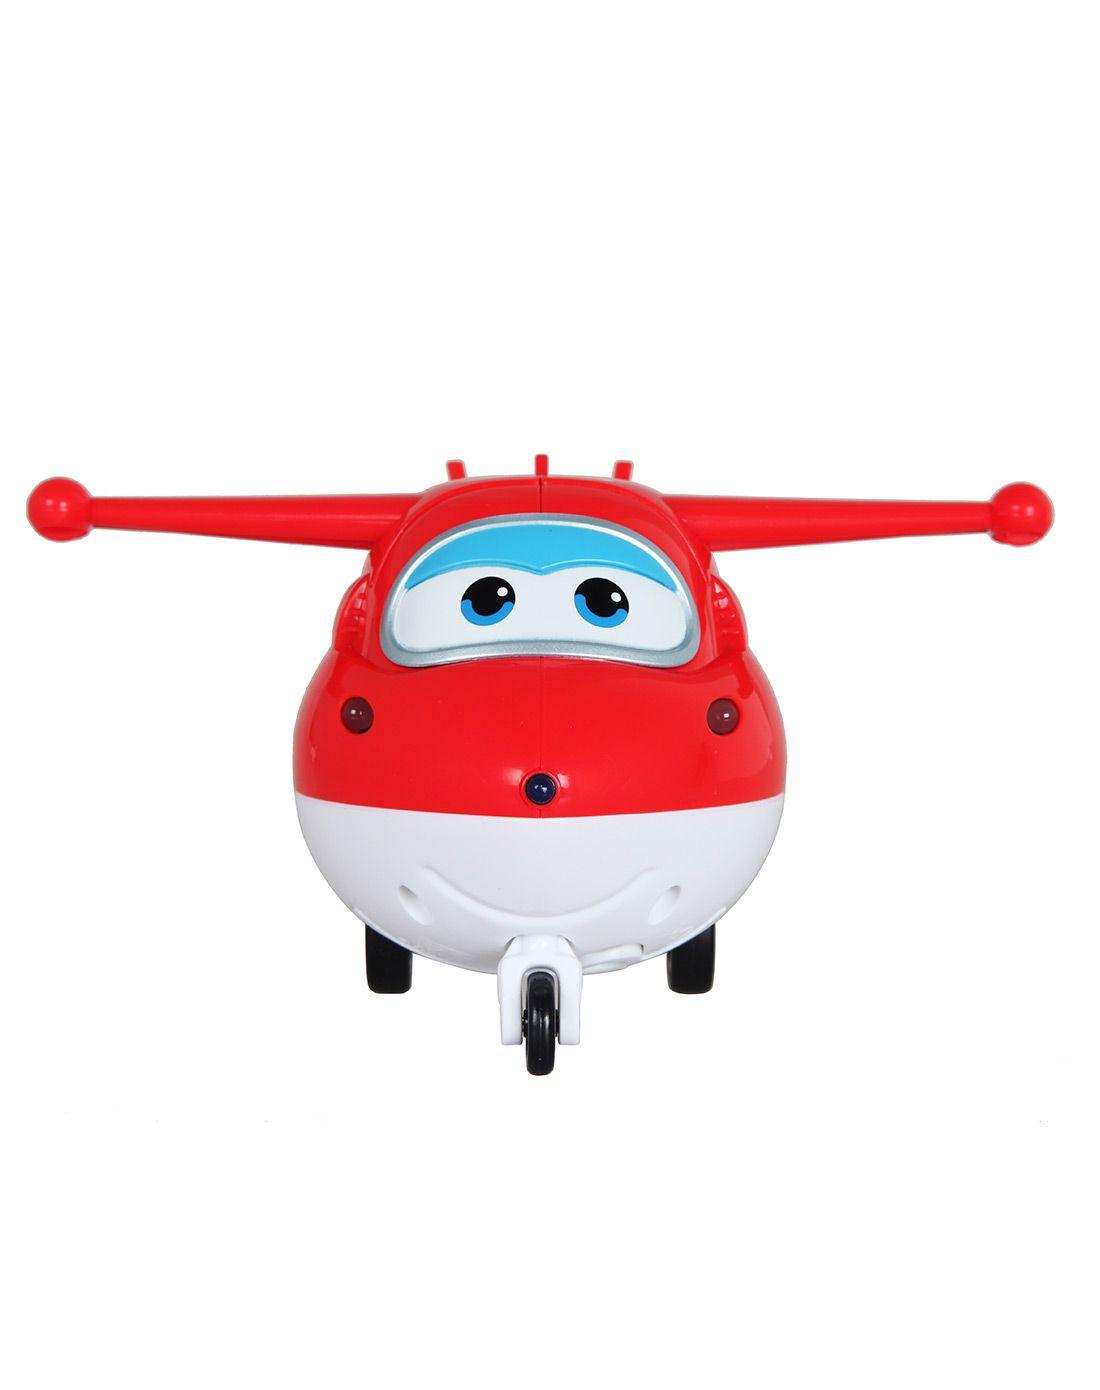 超级飞侠 语音刷卡机飞机公仔-乐迪